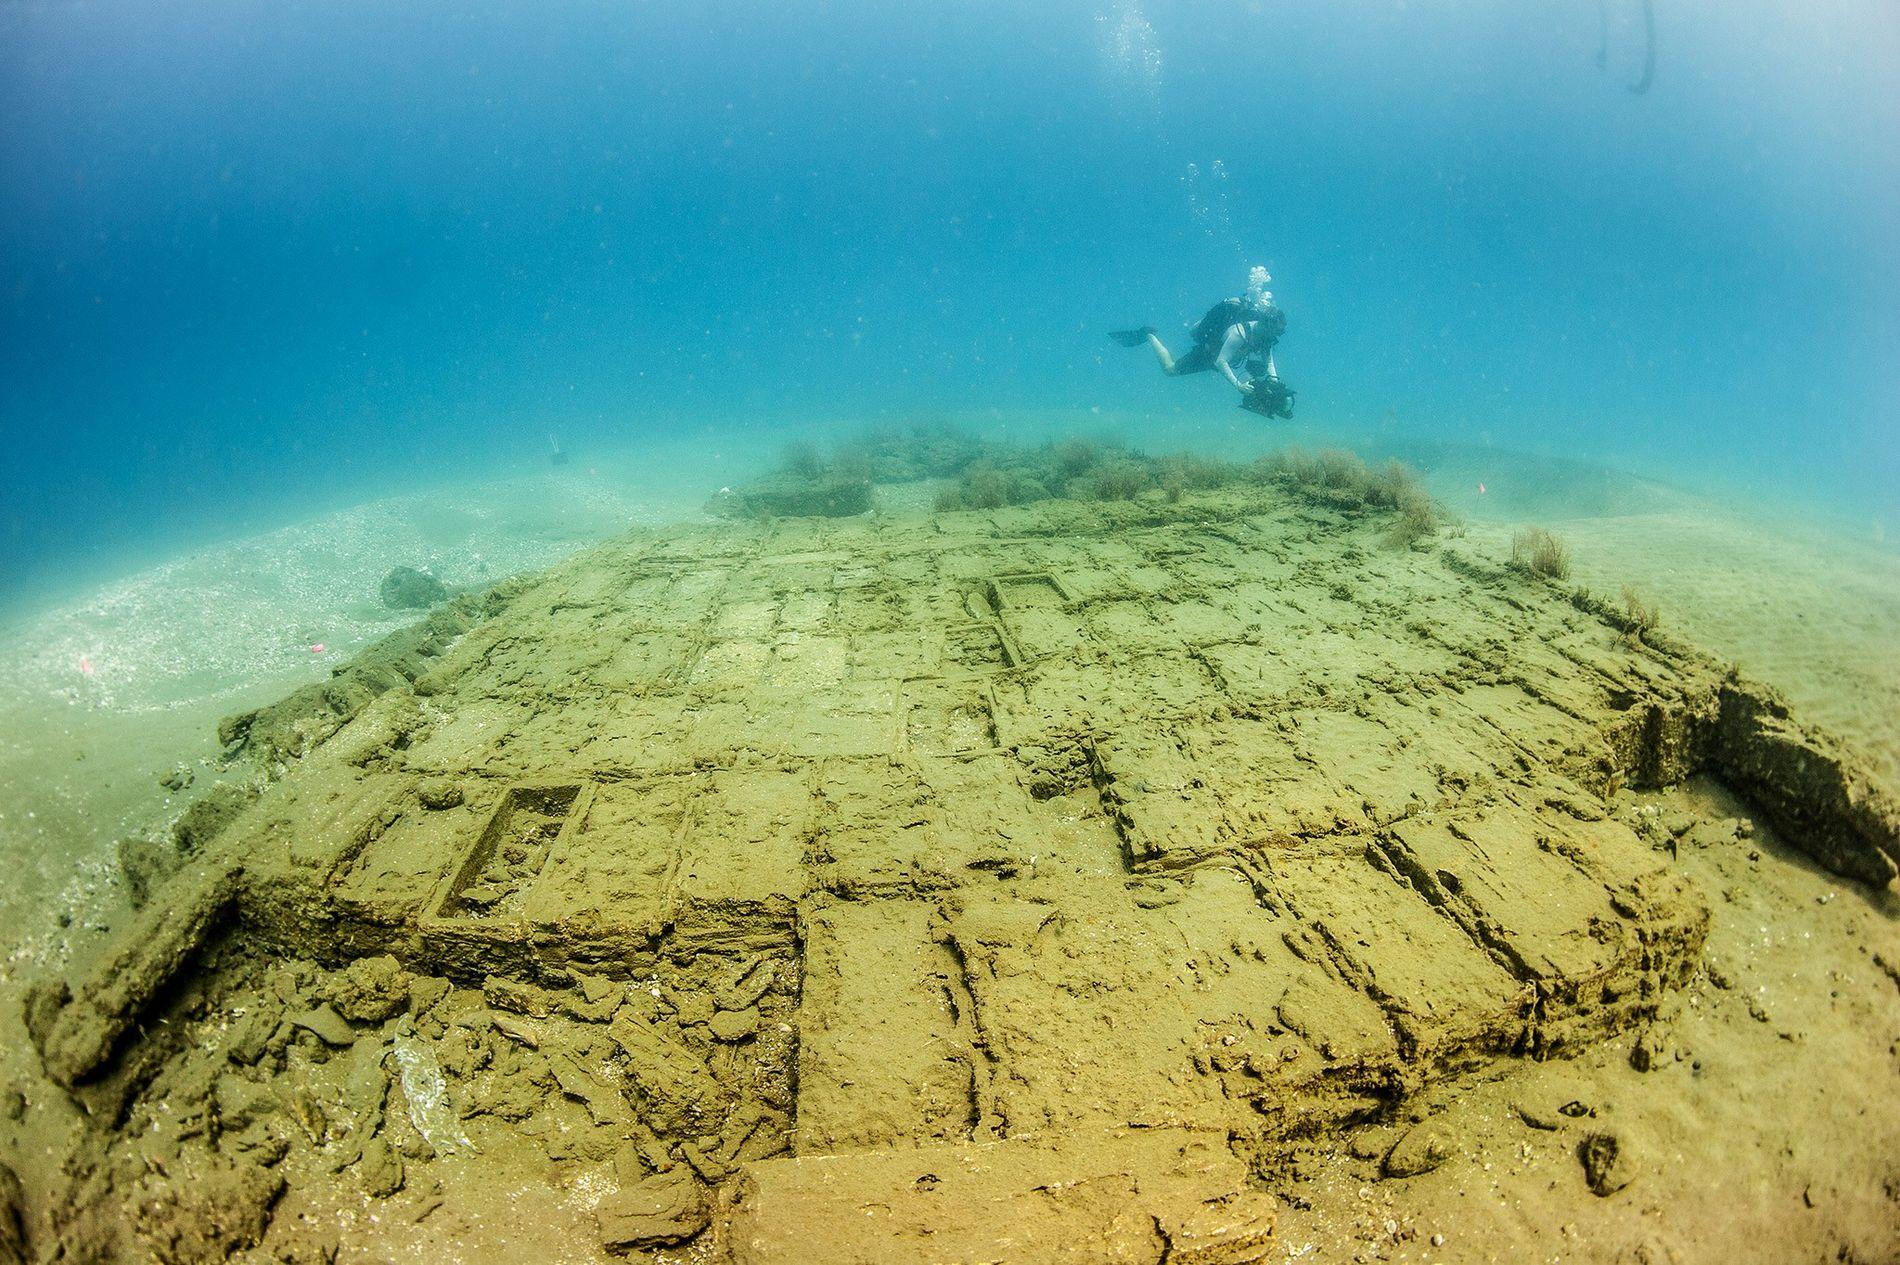 Un plongeur inspecte des caisses en bois dans l'épave du navire espagnol du 17e siècle, découverte ...